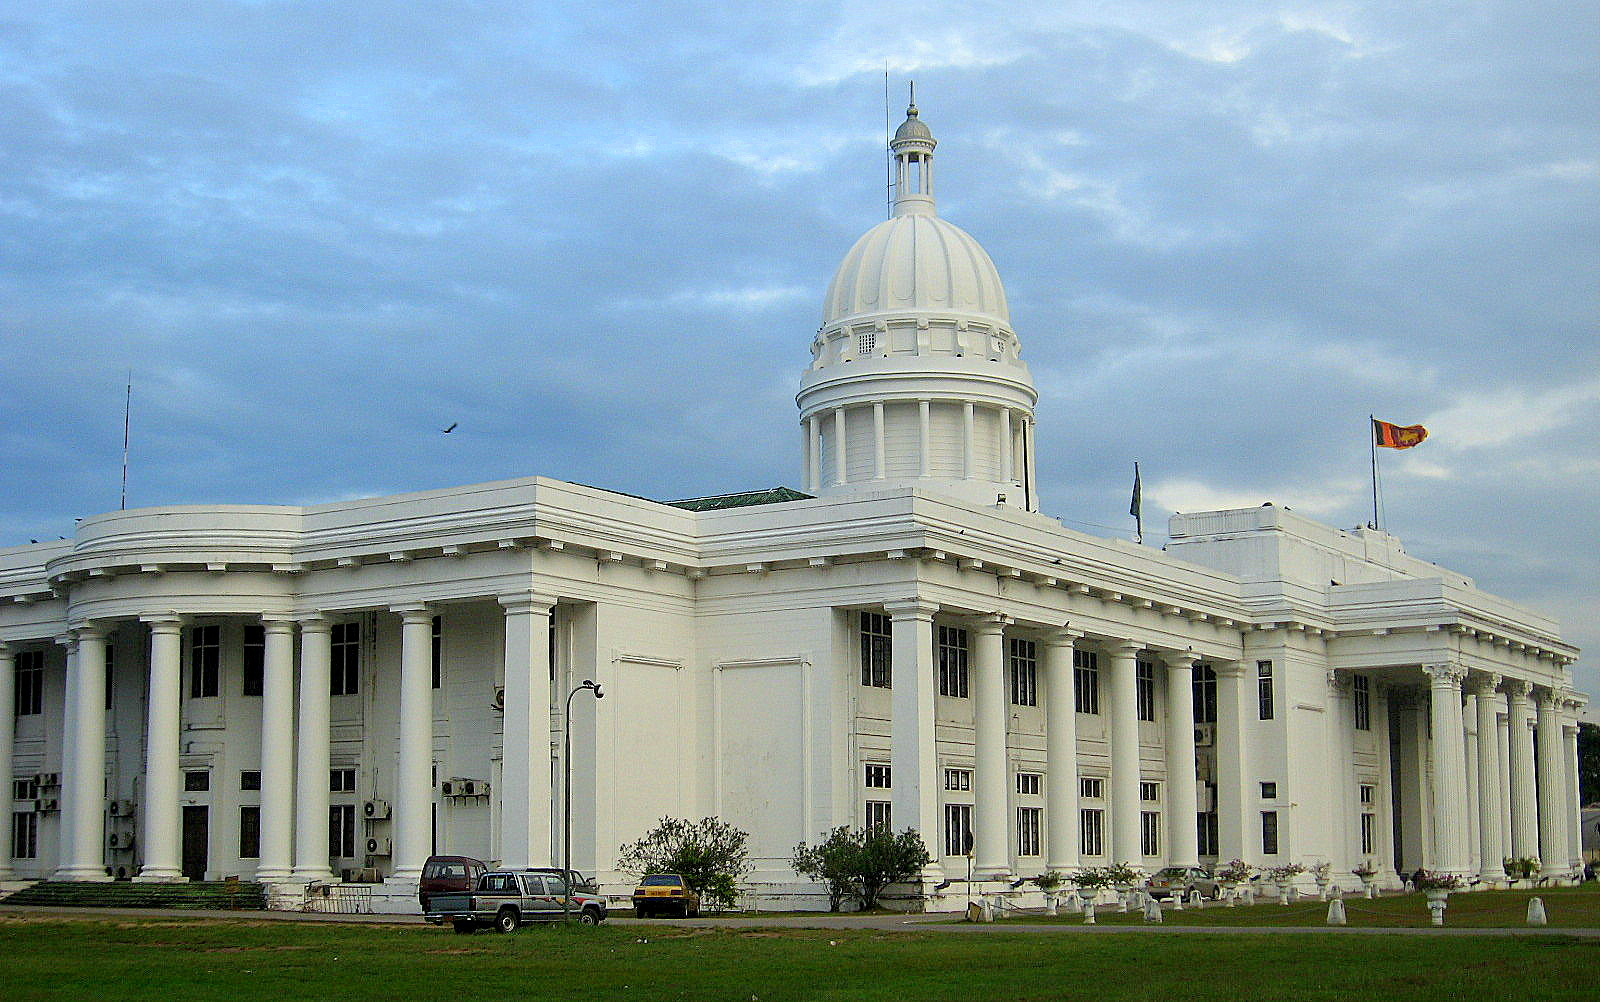 Городской муниципальный совет Коломбо - это штаб-квартира городских властей